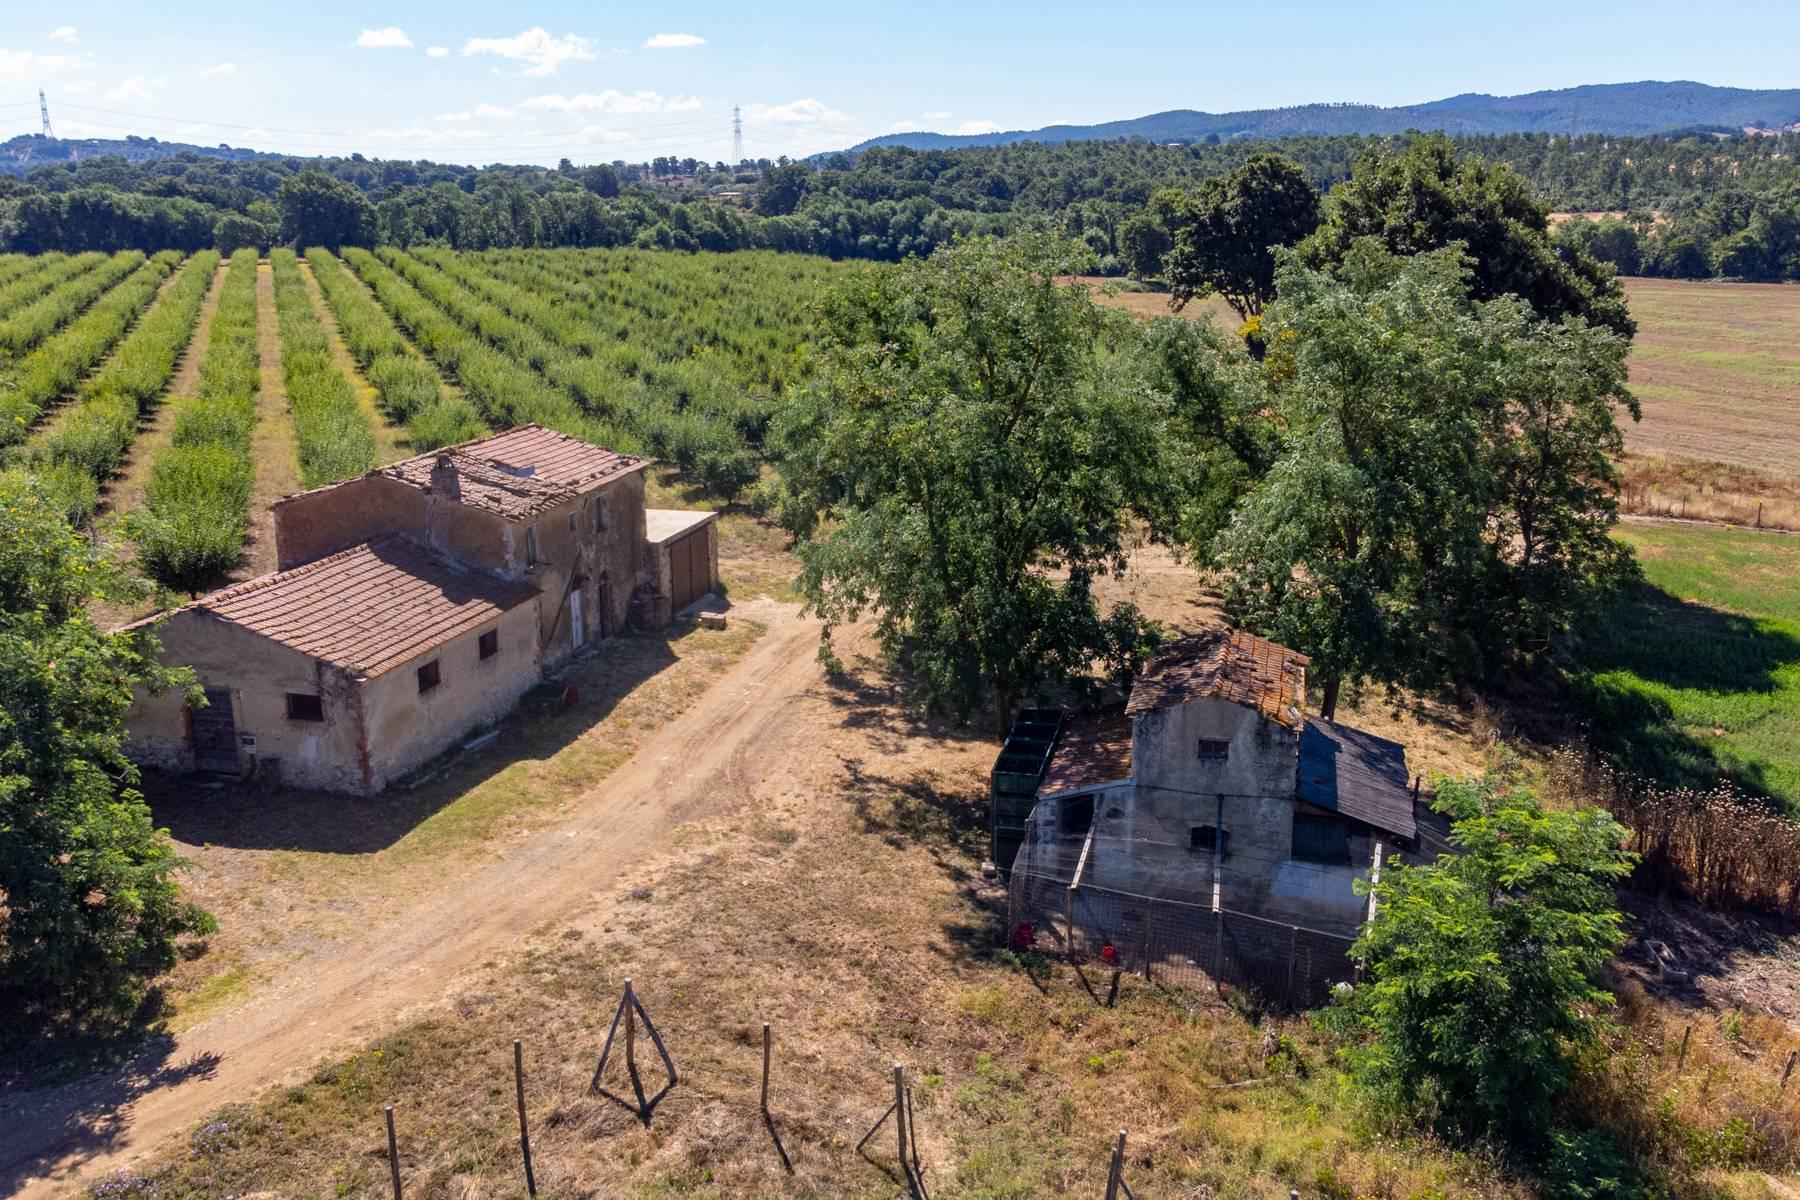 Wunderschönes Anwesen im Grünen, nur einen Steinwurf von Manciano entfernt - 4